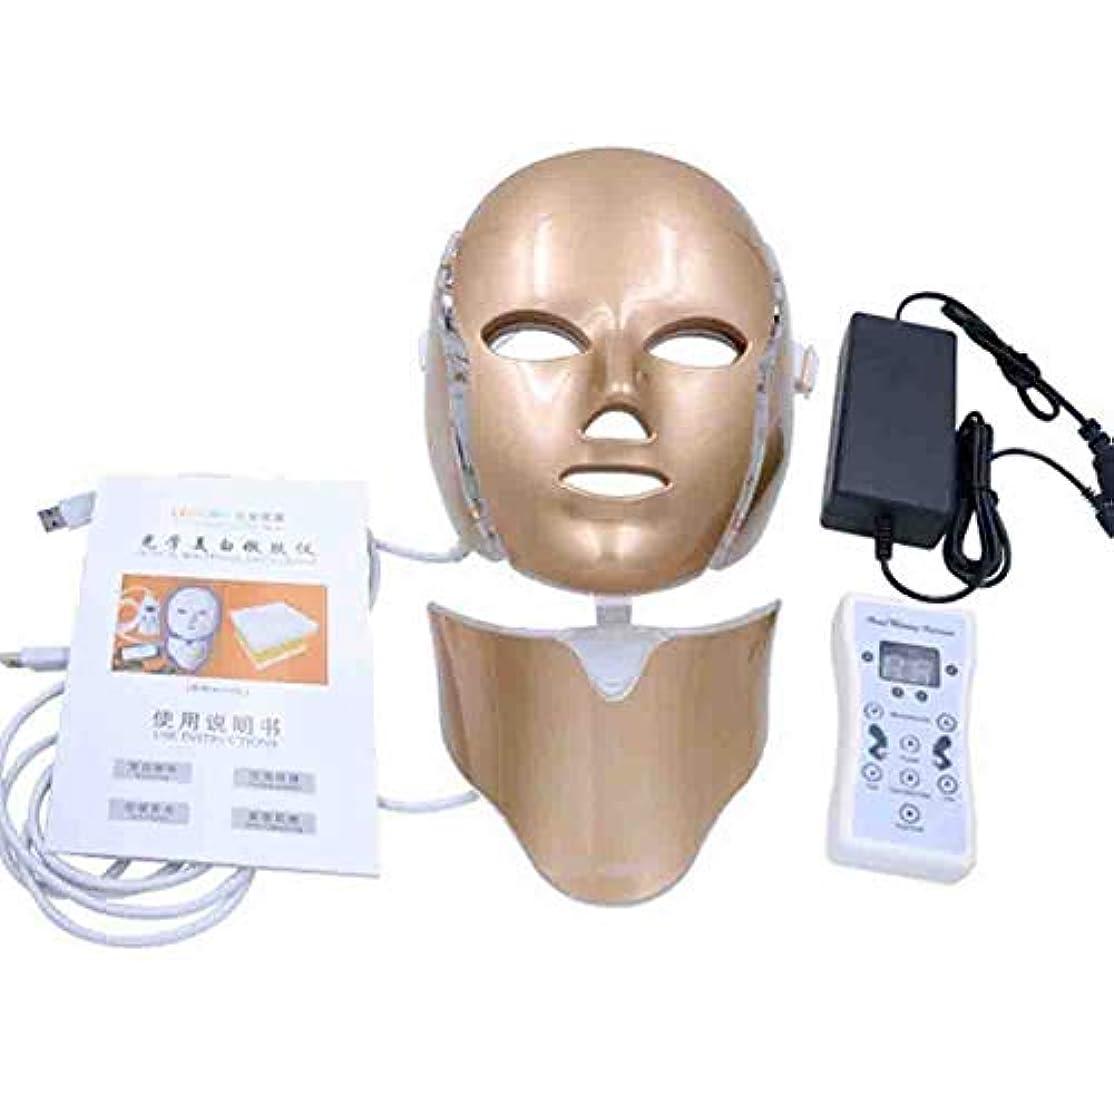 懐疑論退却リル首にきび治療の有効化コラーゲン肌の若返りフェイシャルケアGpldと7色のLEDライトセラピーマスク